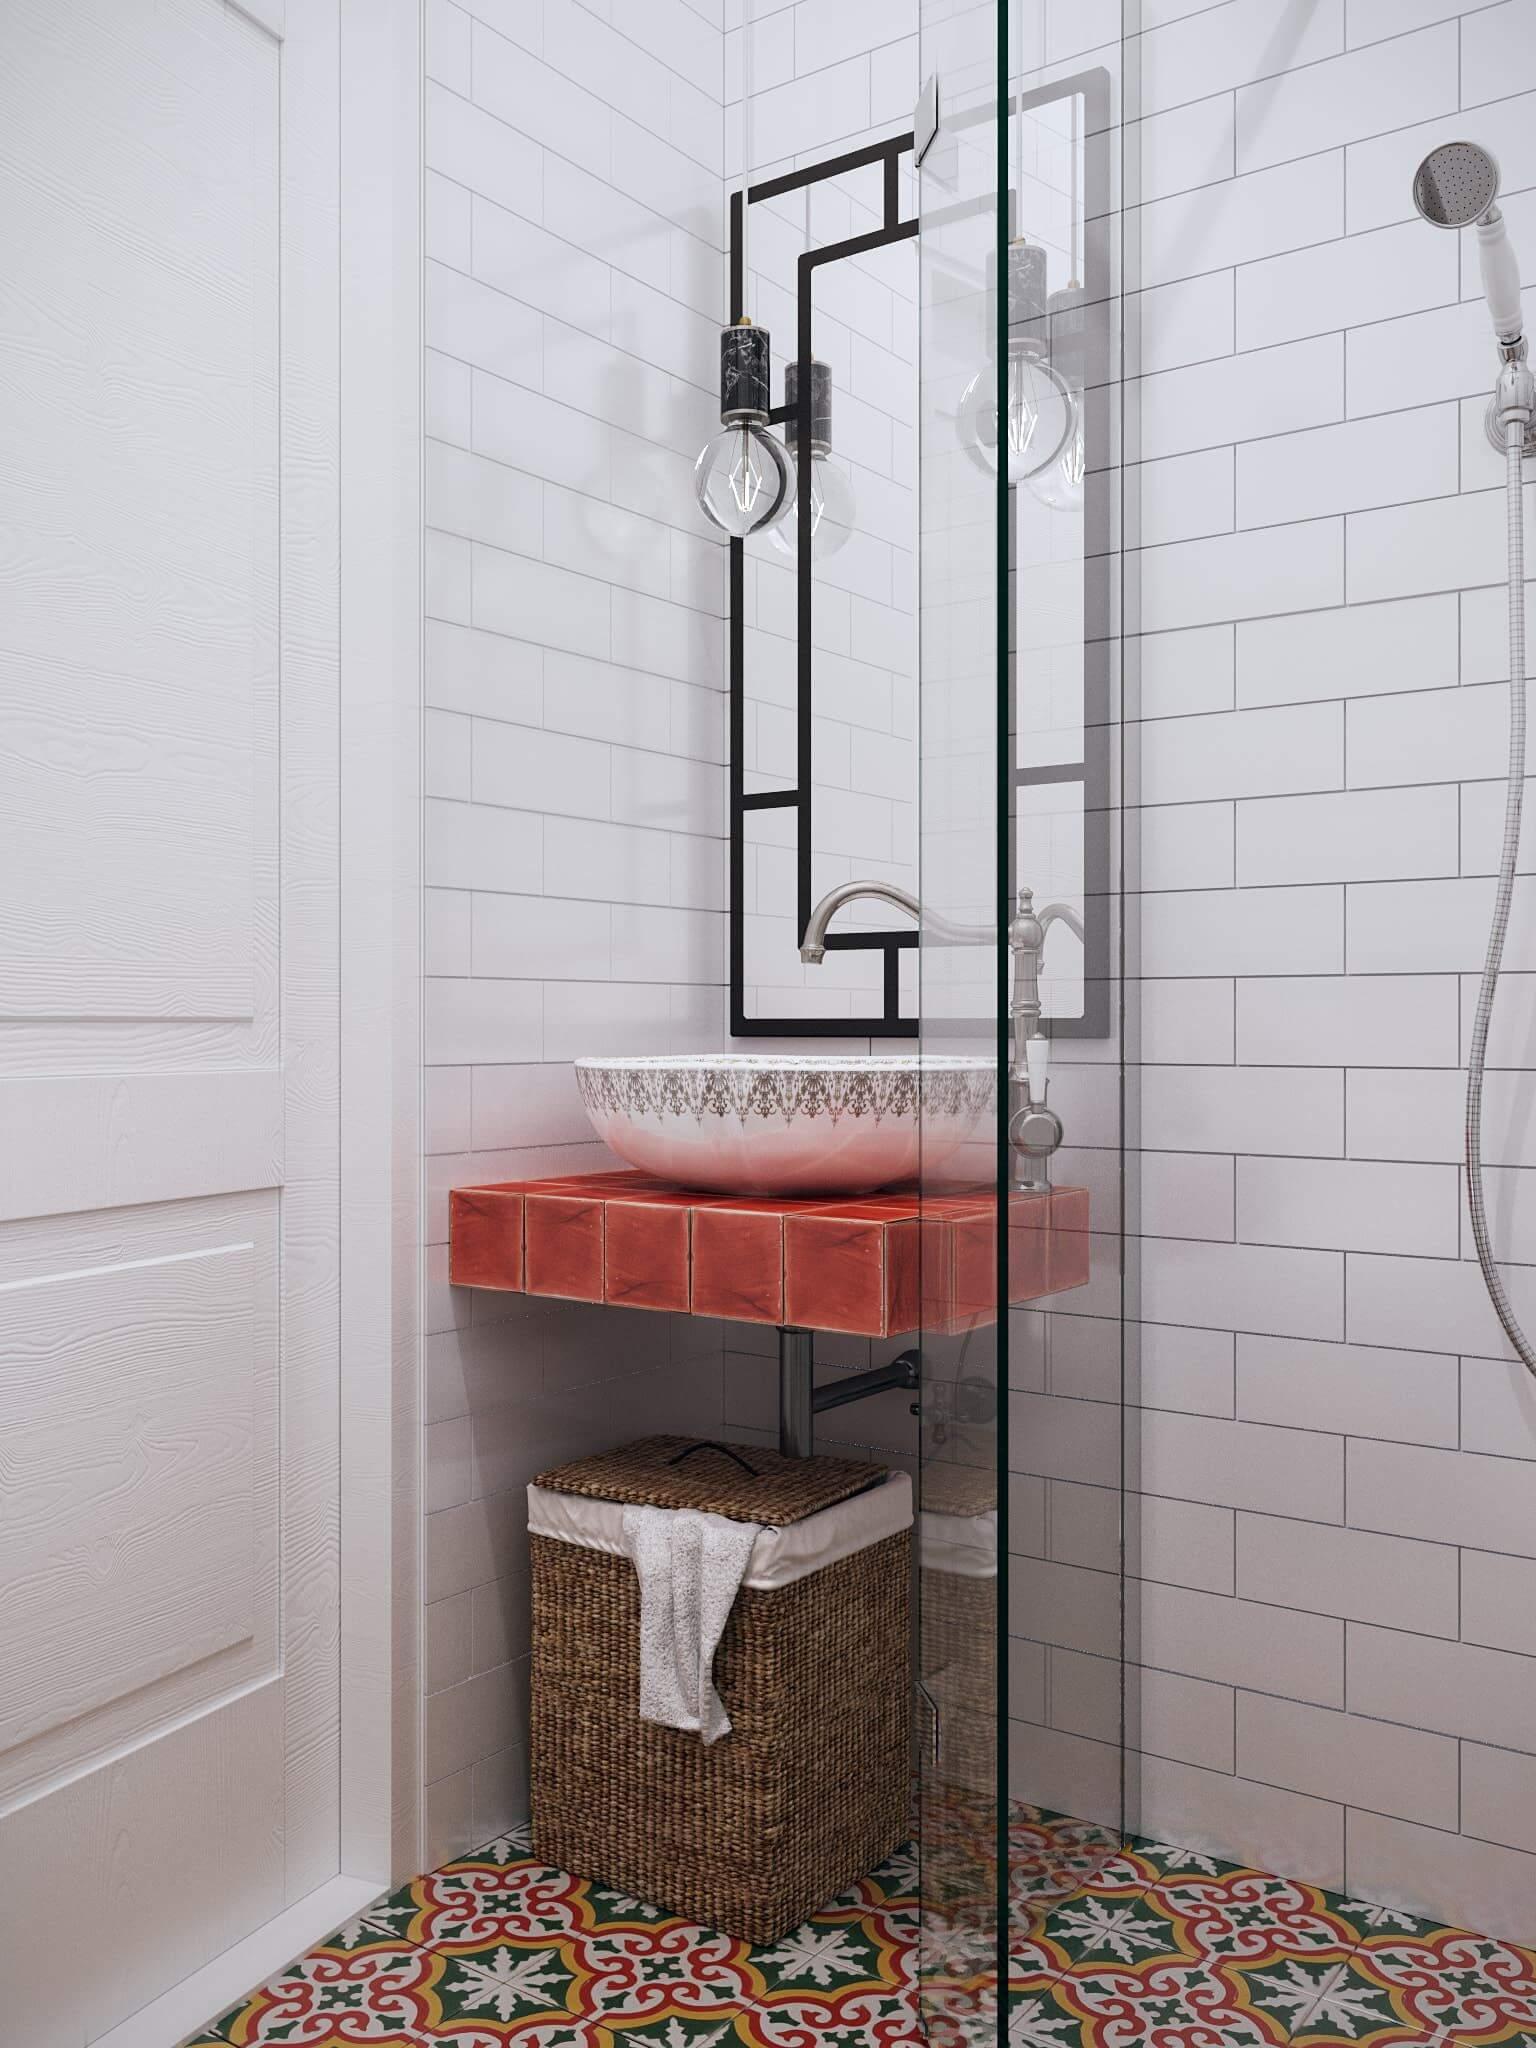 дизайн ванной комнаты маленького размера без унитаза